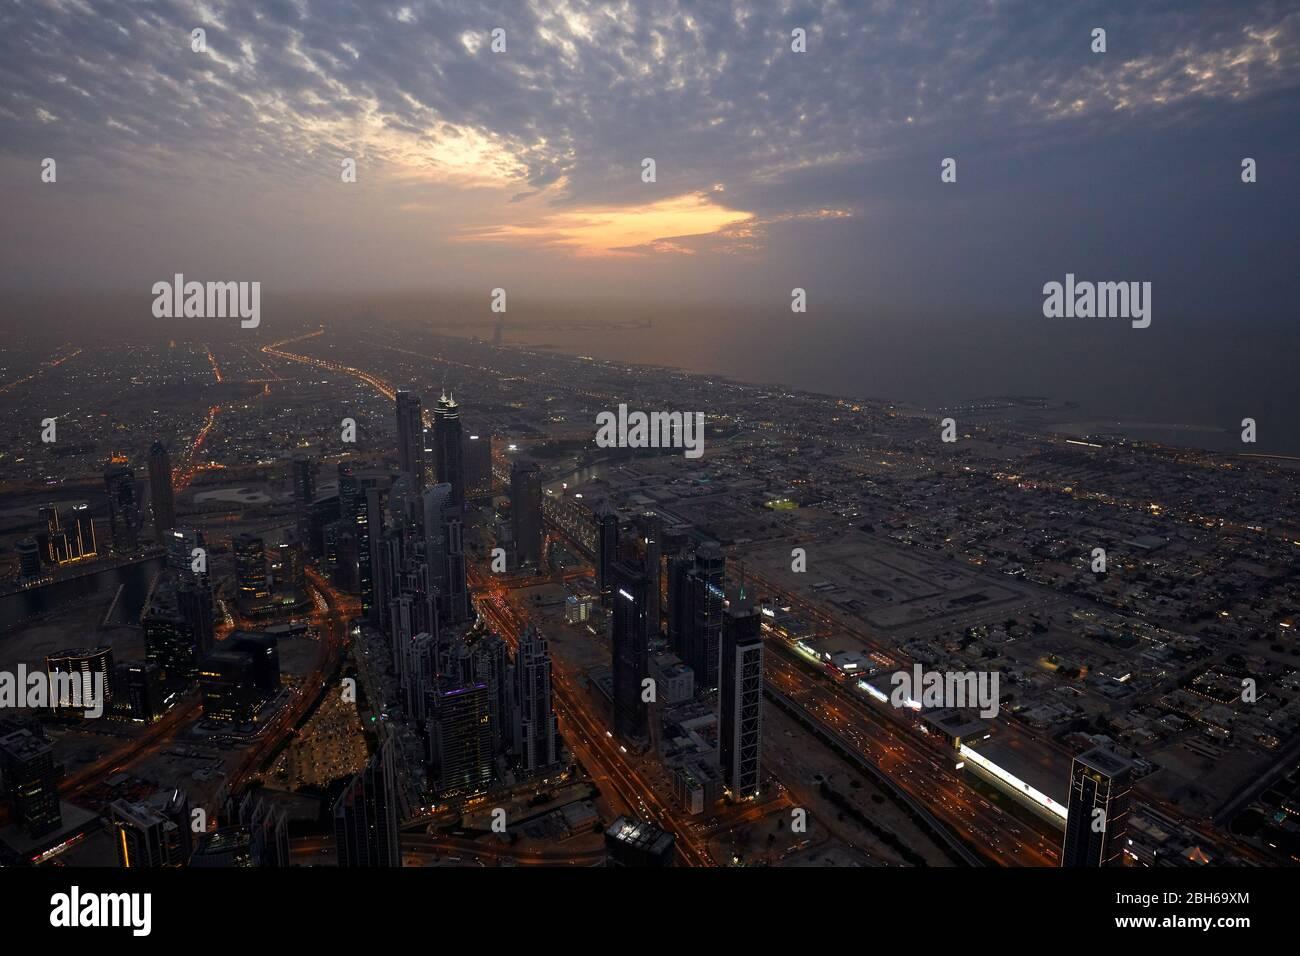 DUBAÏ, EMIRATS ARABES UNIS - 19 NOVEMBRE 2019 : Dubaï a illuminé la ville vue de haut-angle avec gratte-ciel au crépuscule depuis Burj Khalifa Banque D'Images